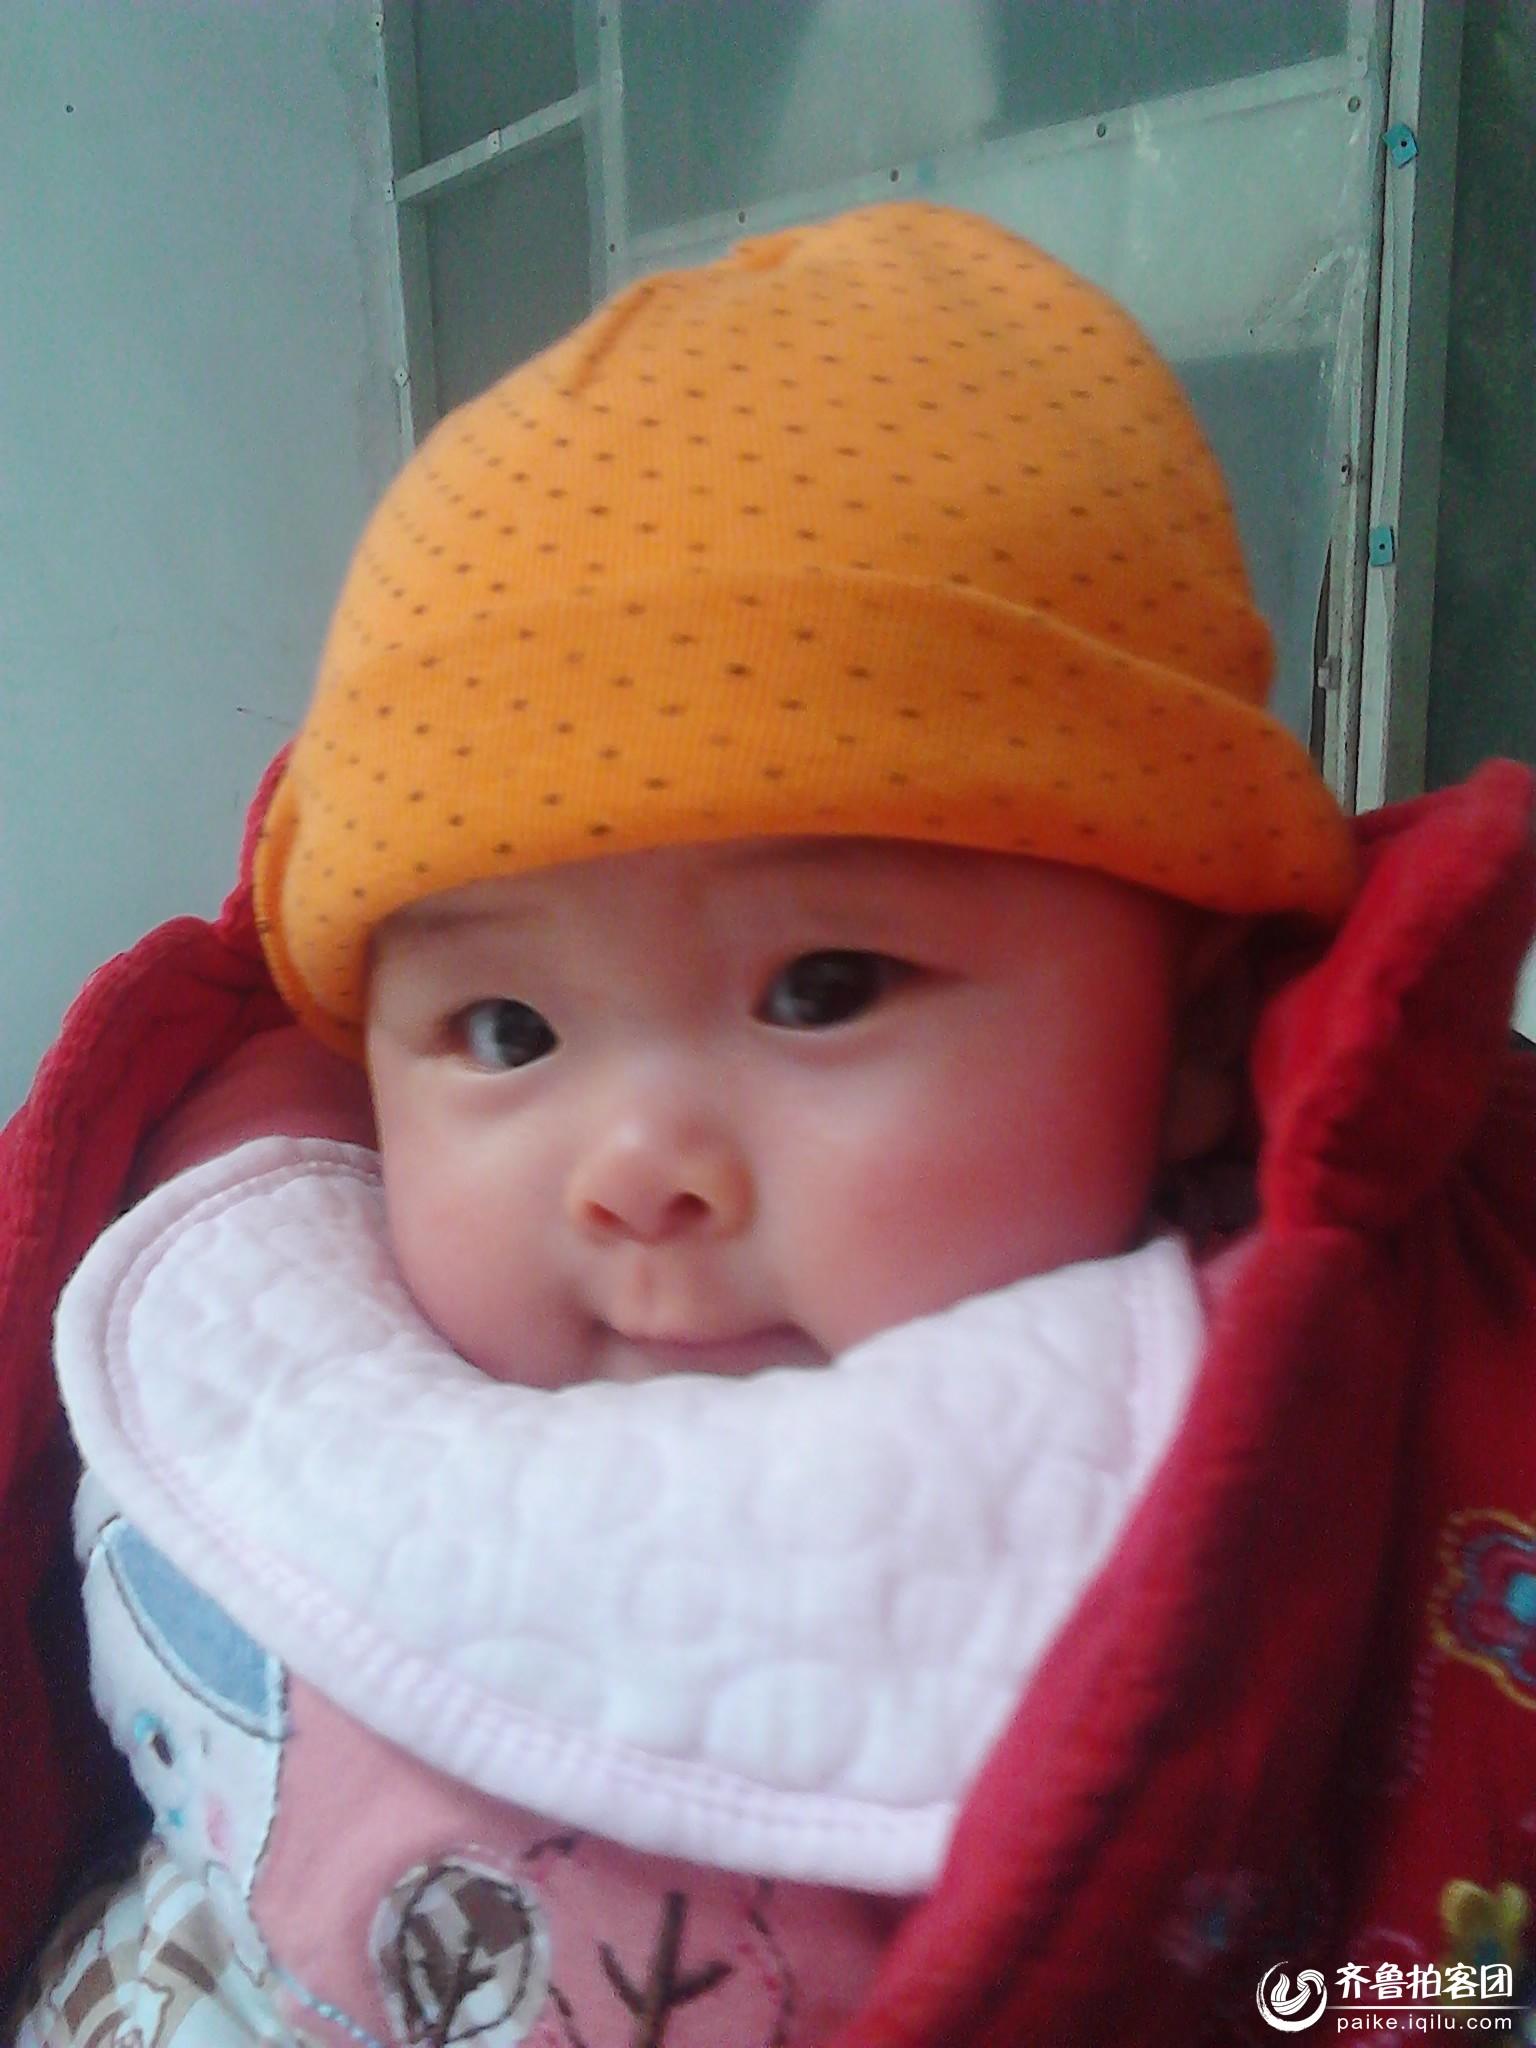 菏泽拍客 69 可爱宝贝  分享到:qq空间新浪微博腾讯微博人人网微信